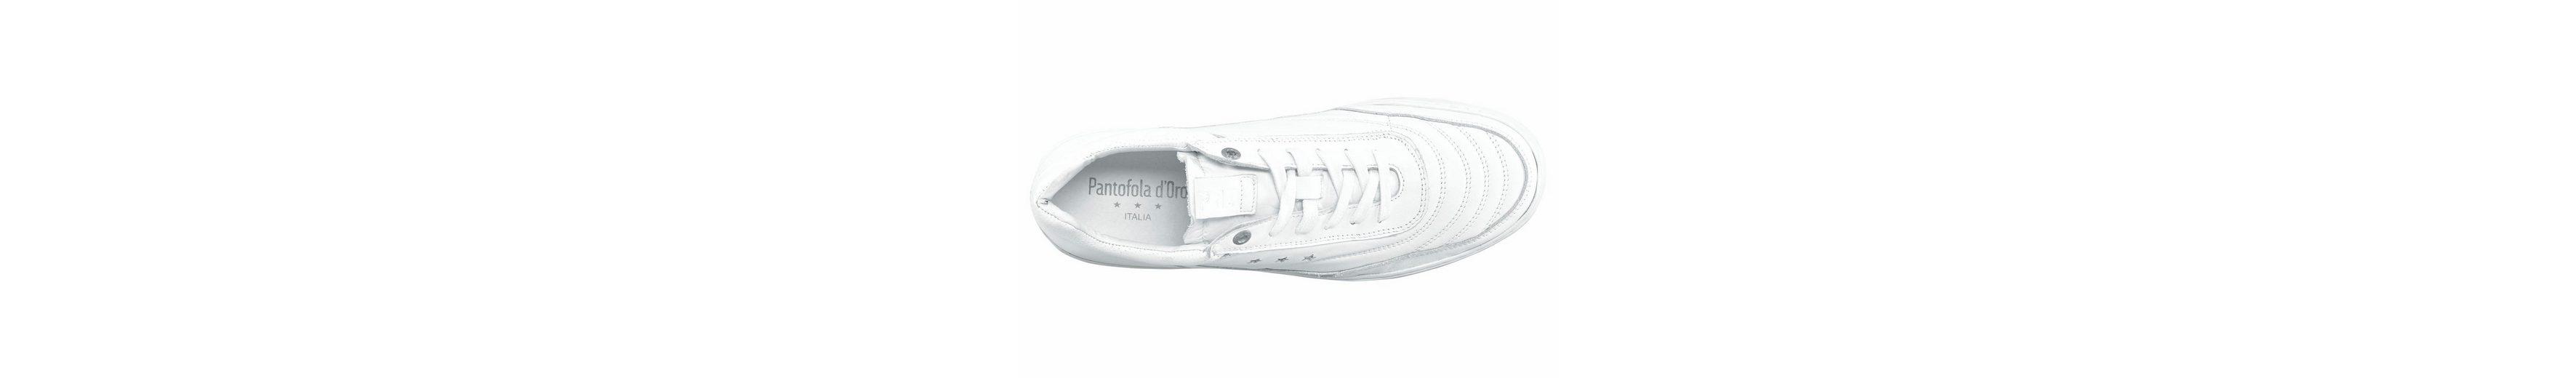 Pantofola d´Oro Basilio Uomo Low Sneaker Billig Verkauf Browse Qualität Frei Für Verkauf Bester Günstiger Preis rSoqDfTq6